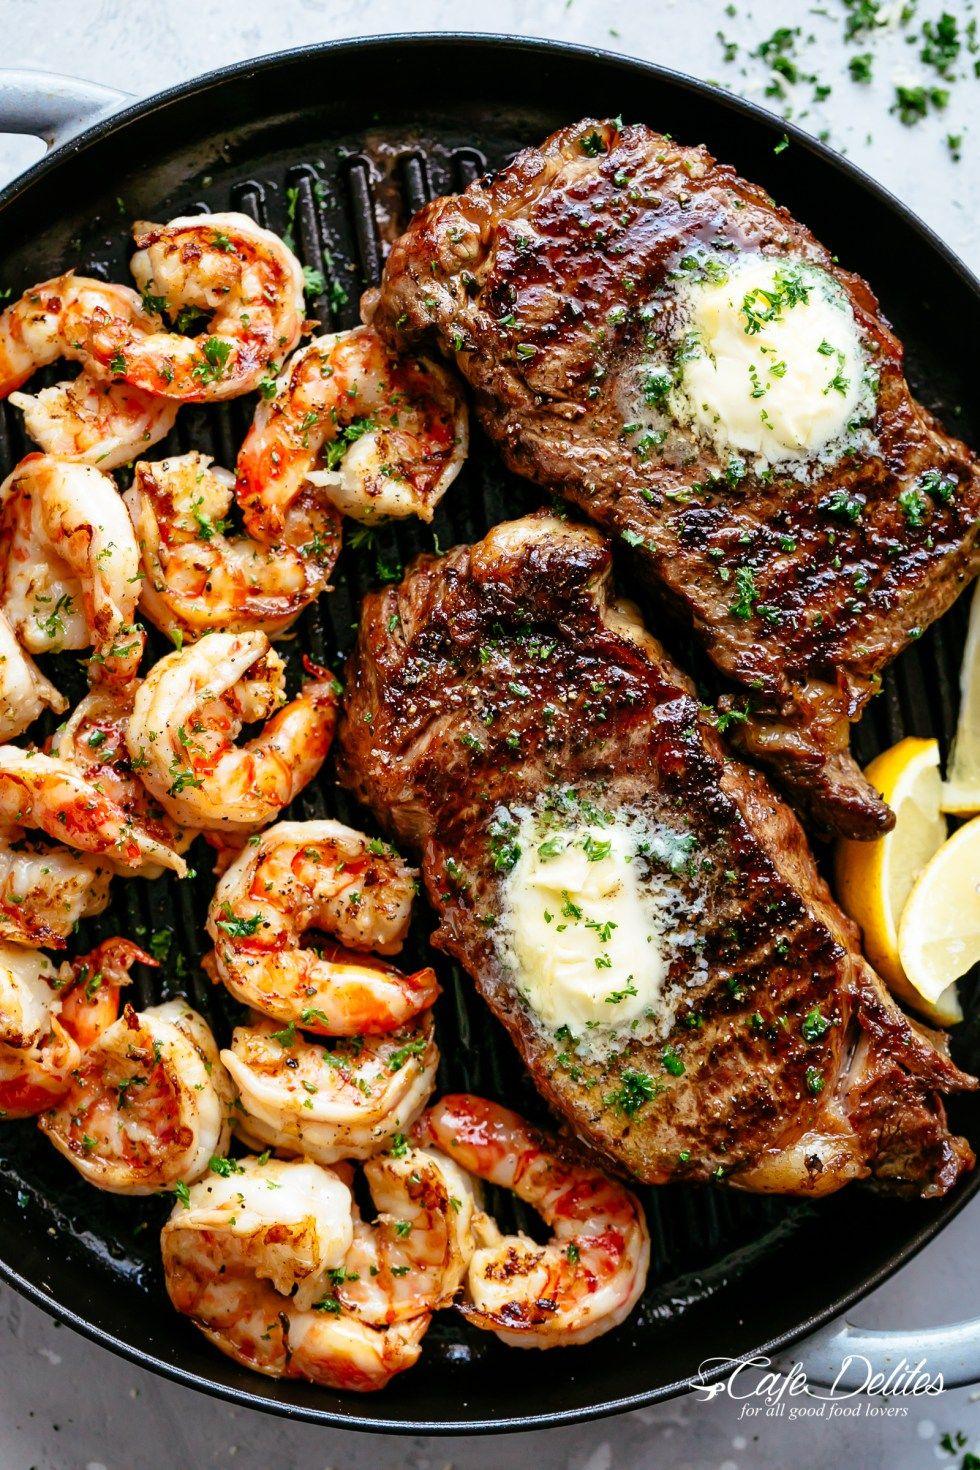 Grilled Steak Recipe   cafedelites.com #grilledsteakmarinades